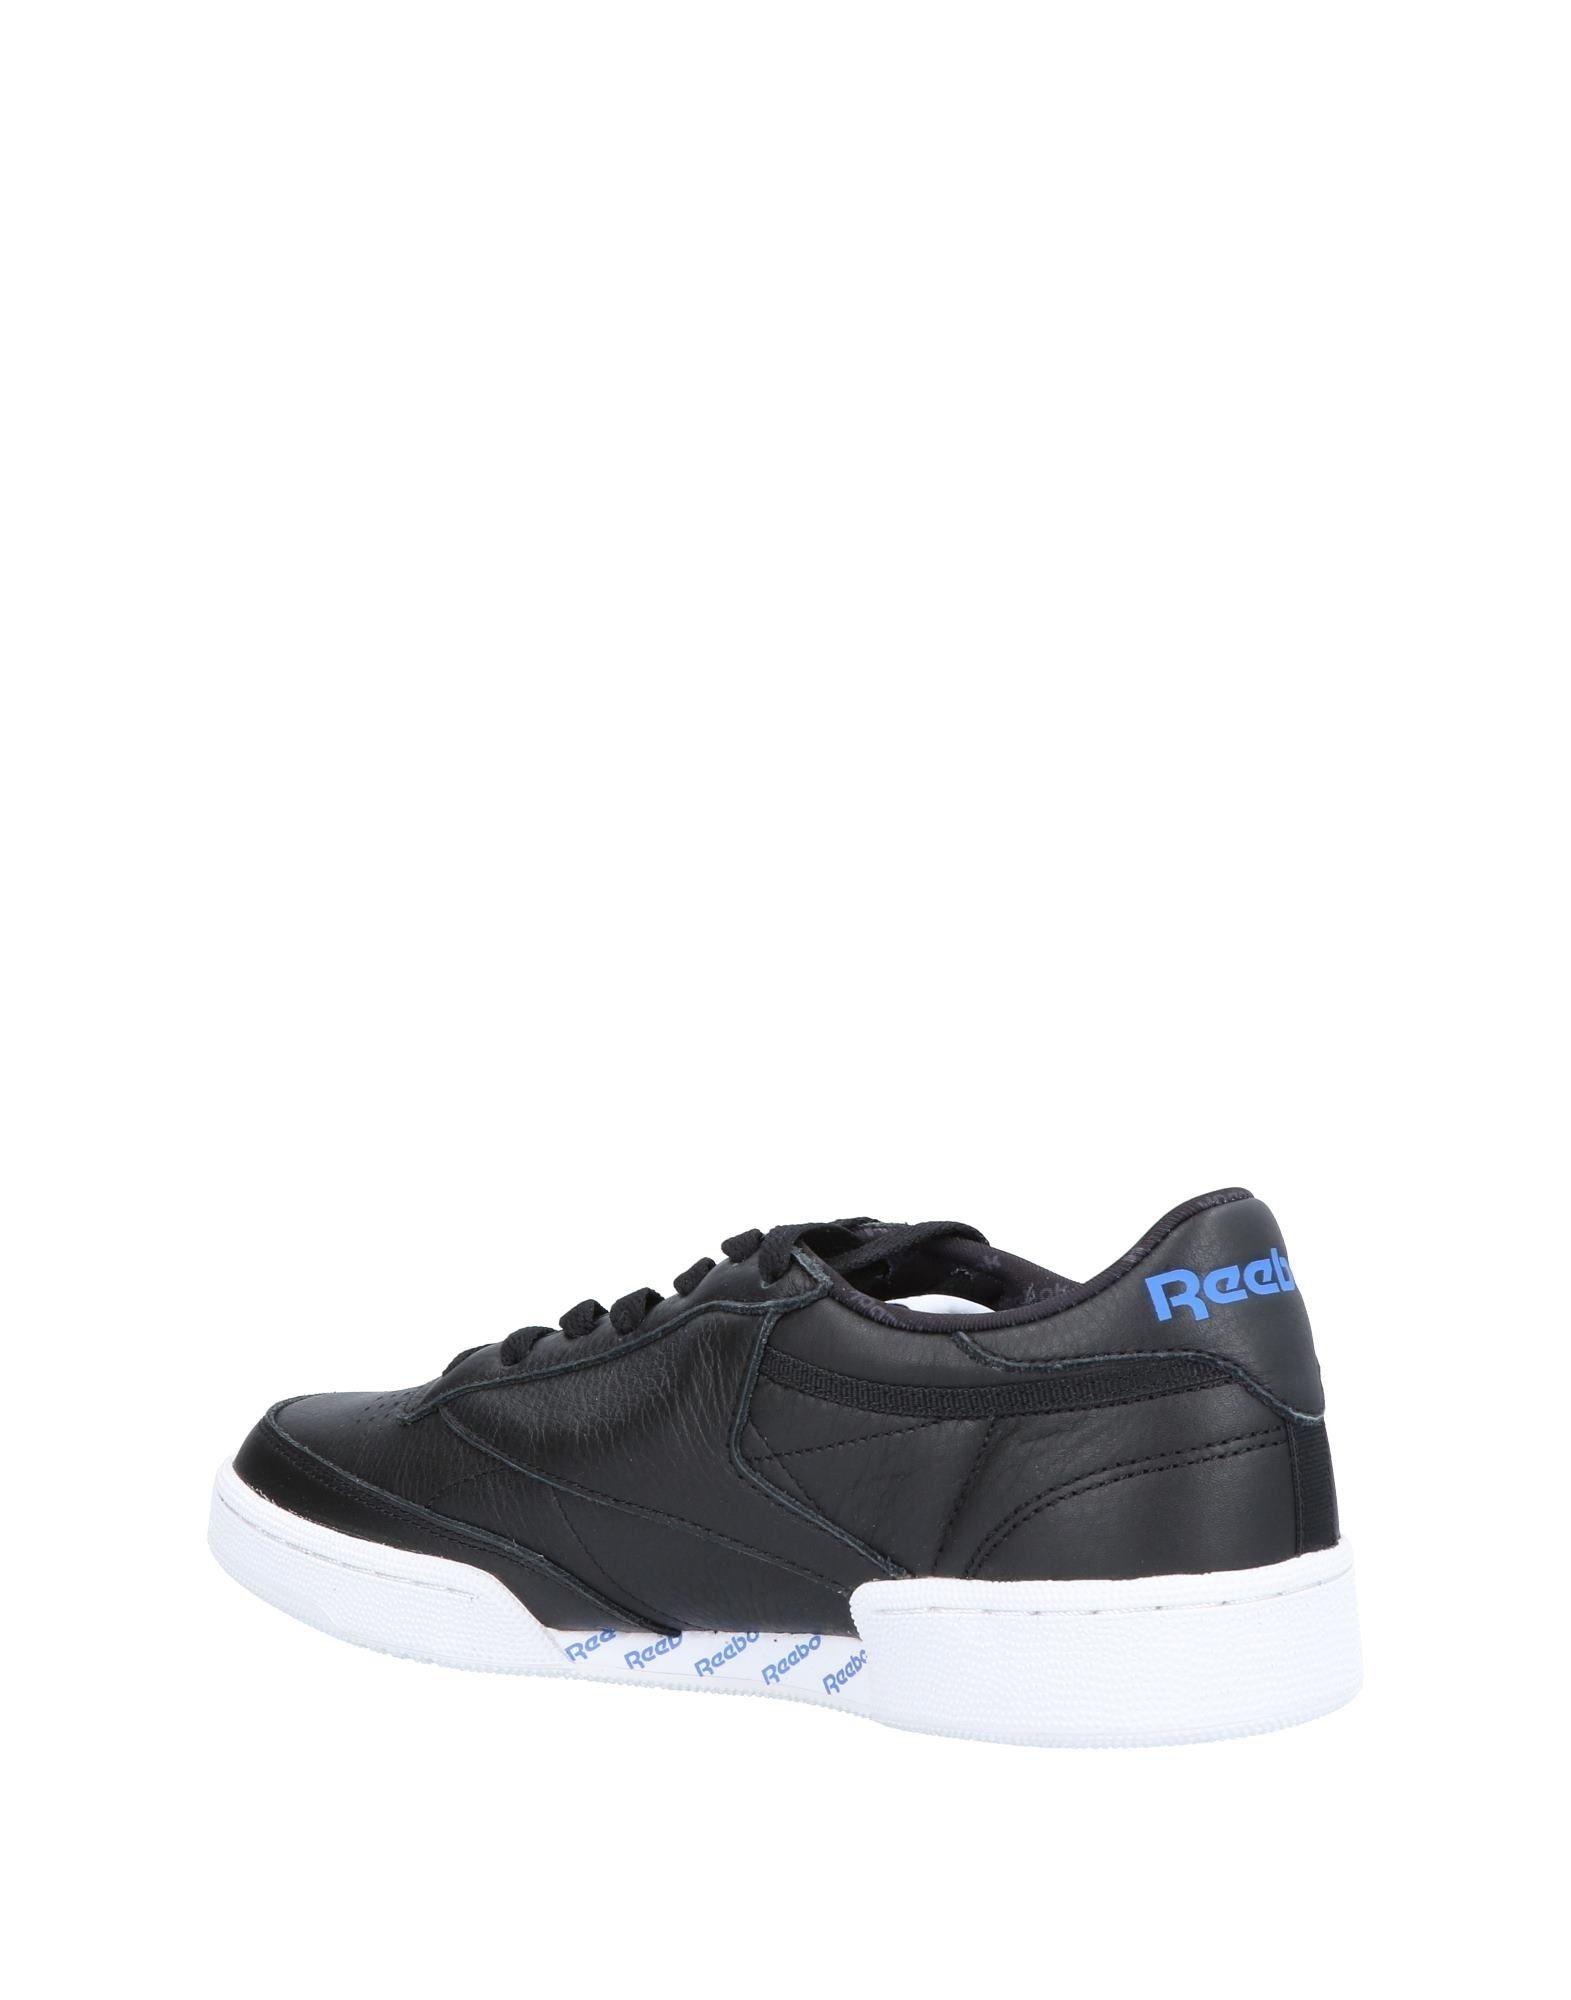 Rabatt echte Sneakers Schuhe Reebok Sneakers echte Herren  11459889EP edb421